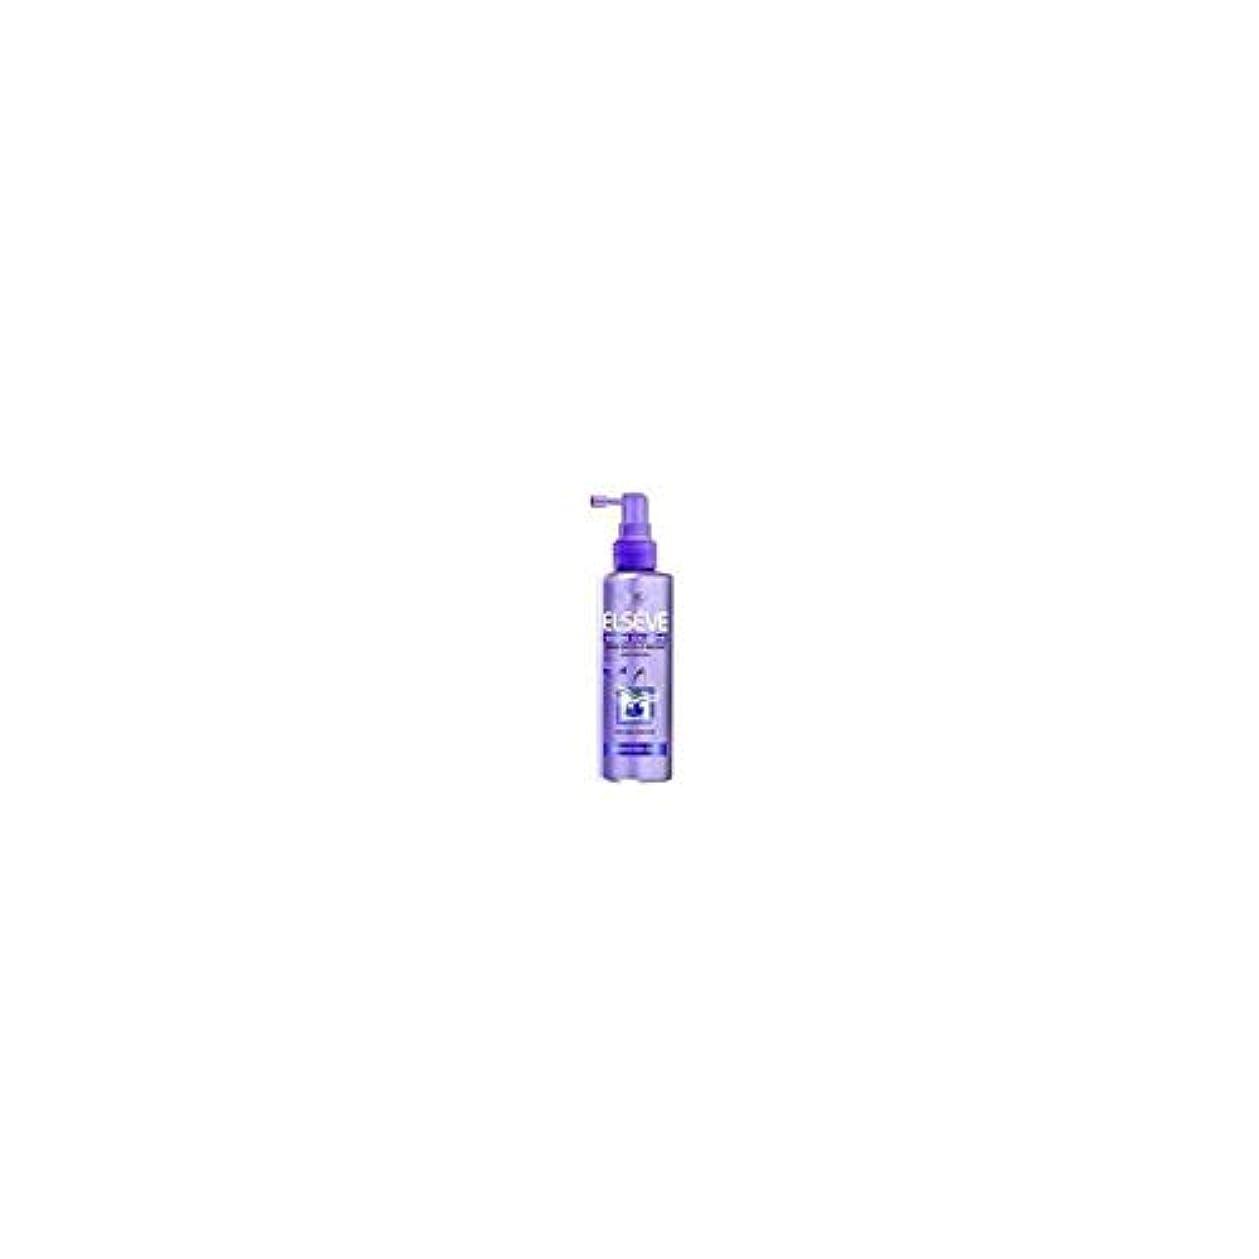 カストディアン敷居今ELSEVE - Spray décolle racines - Volume collagene 200ml